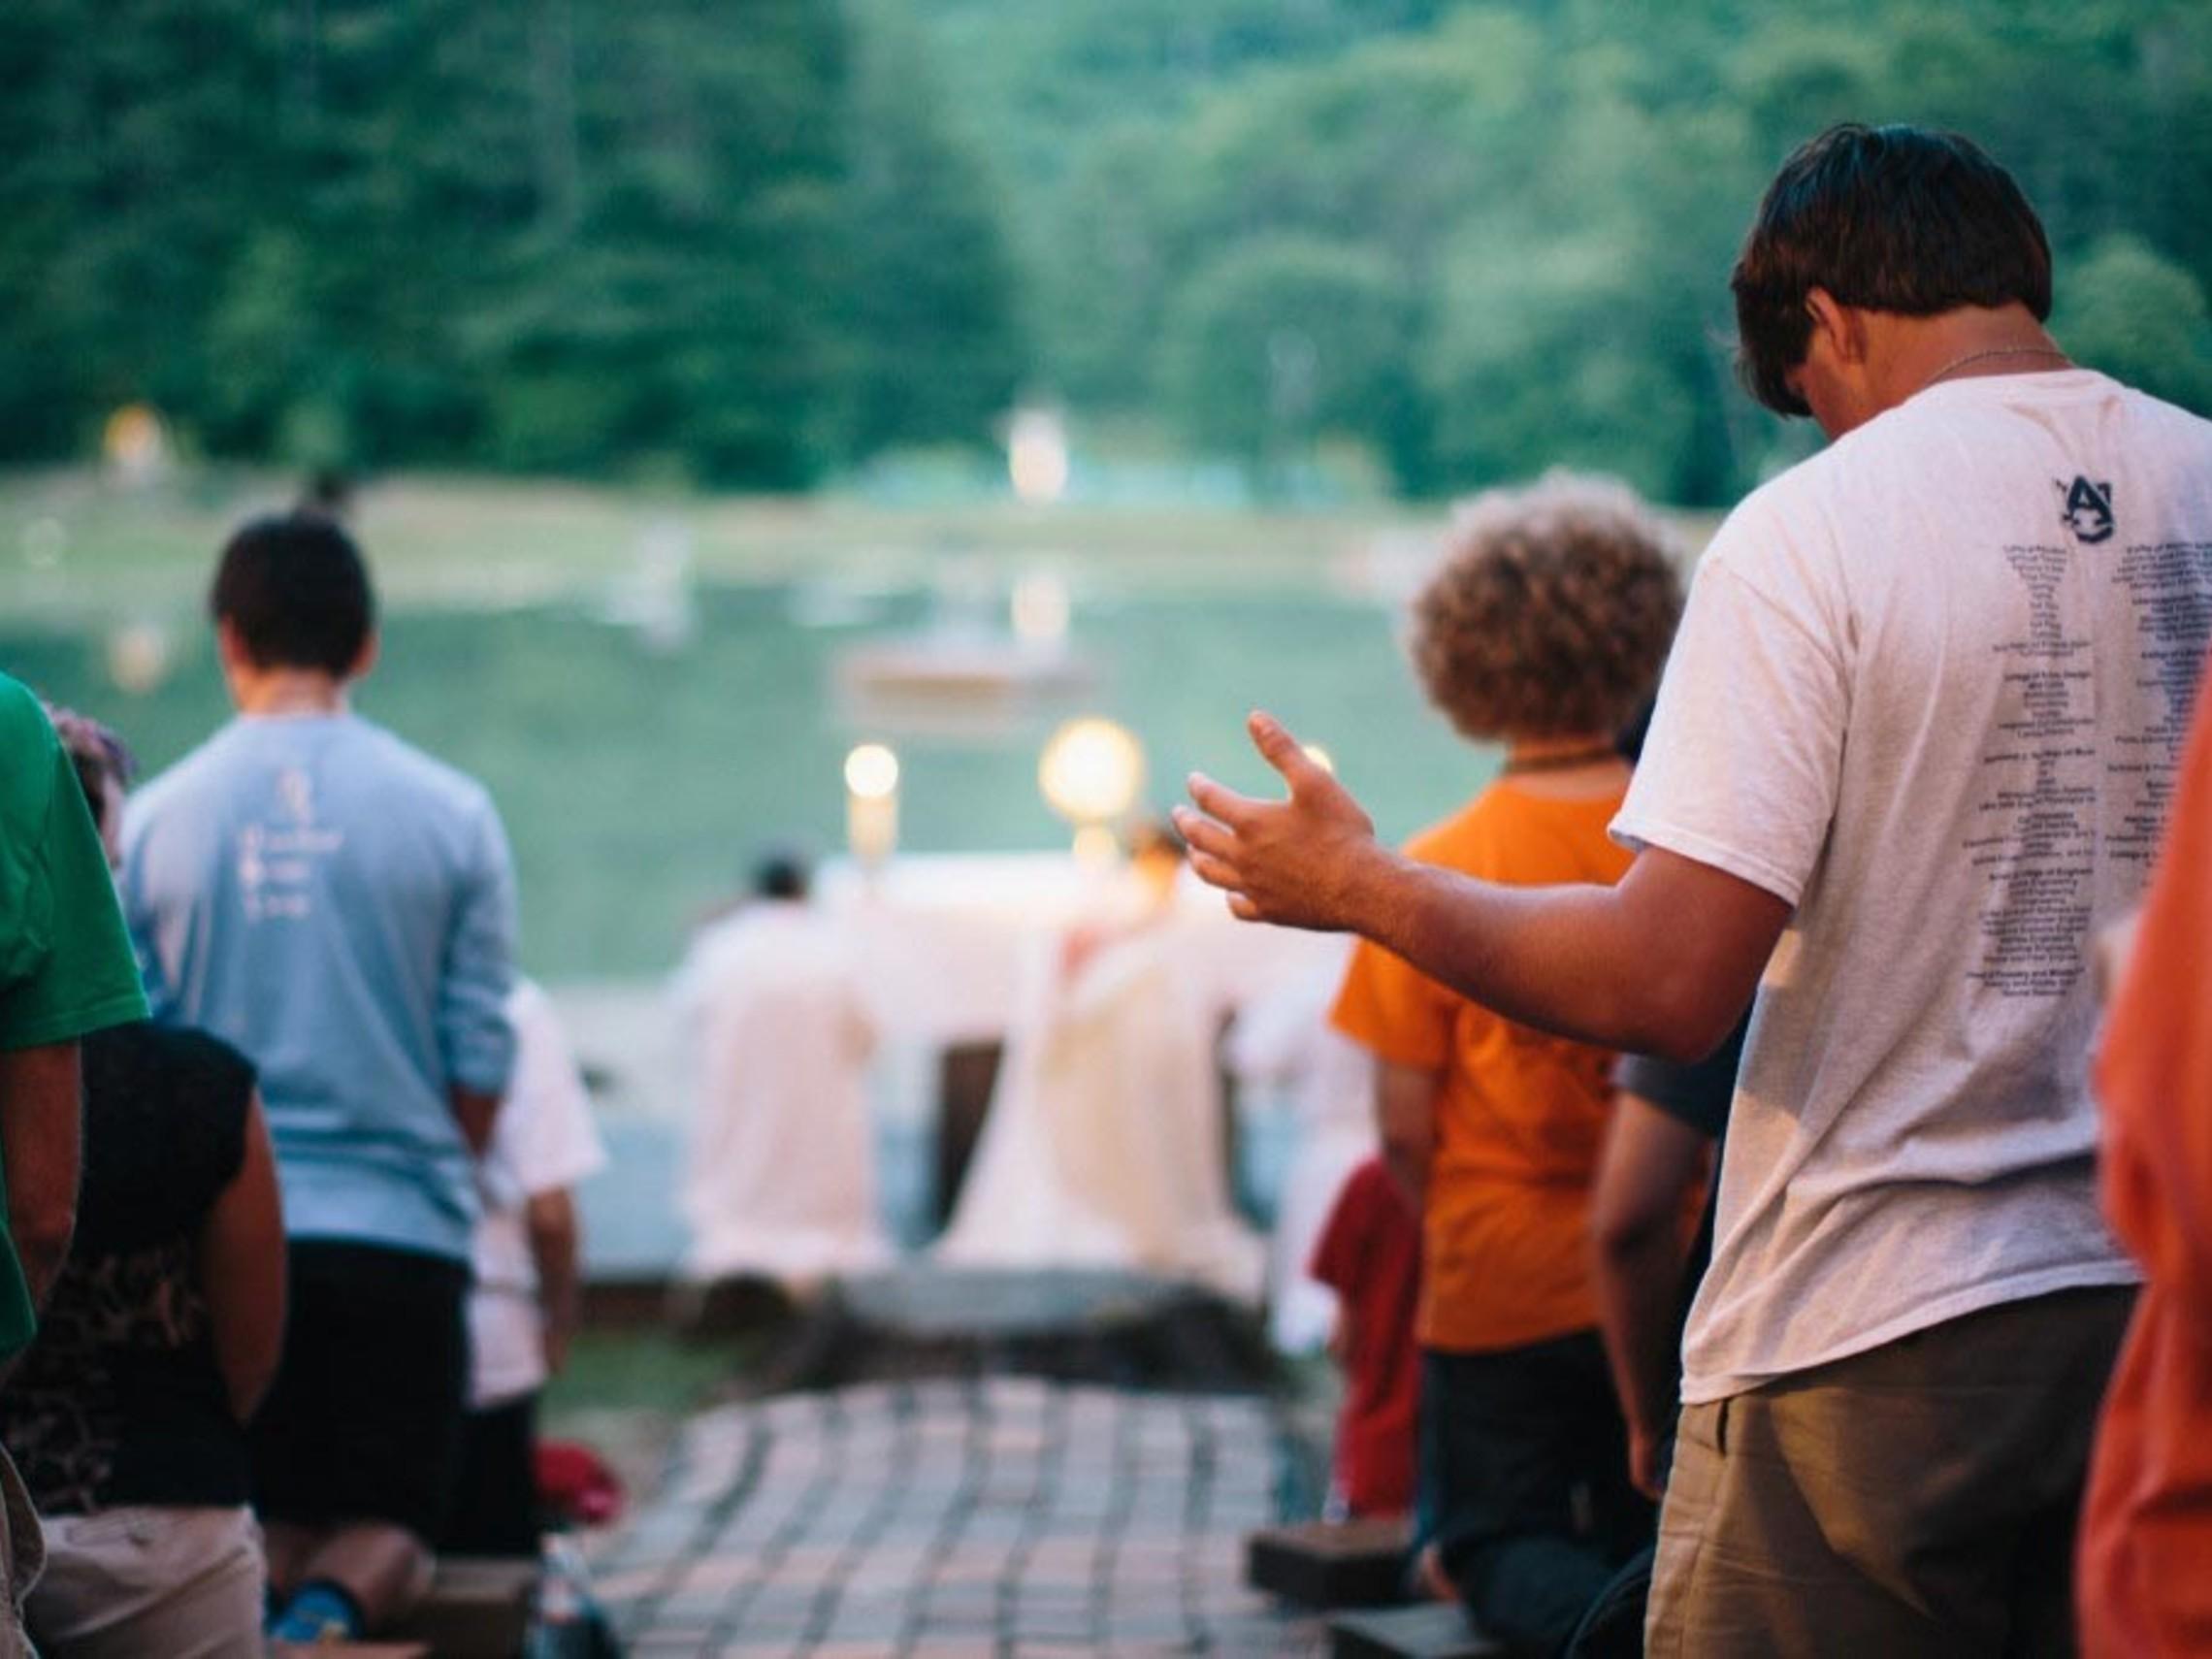 LT Summer Camp Daily Mass